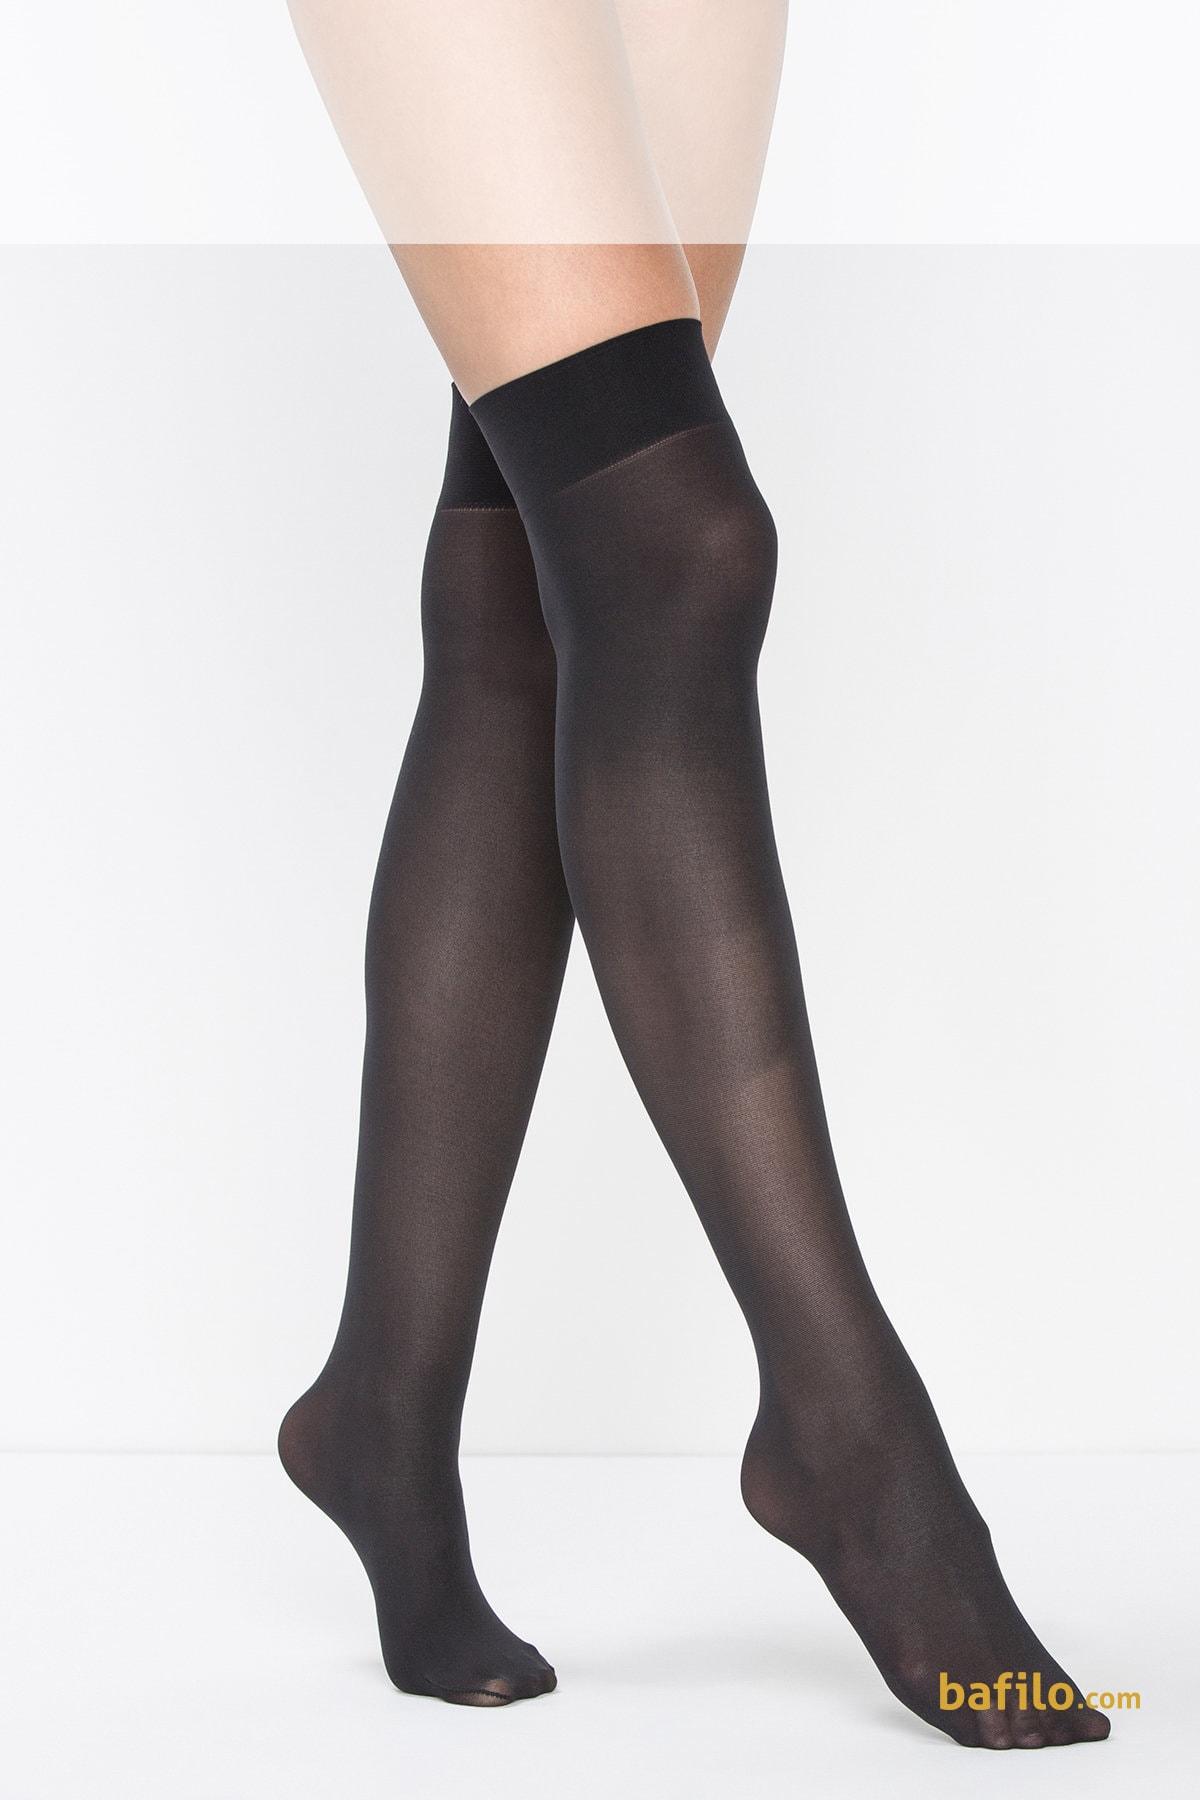 پنتی | Penti - جوراب بالای زانو زنانه پنتی  Mikro 40 مشکی